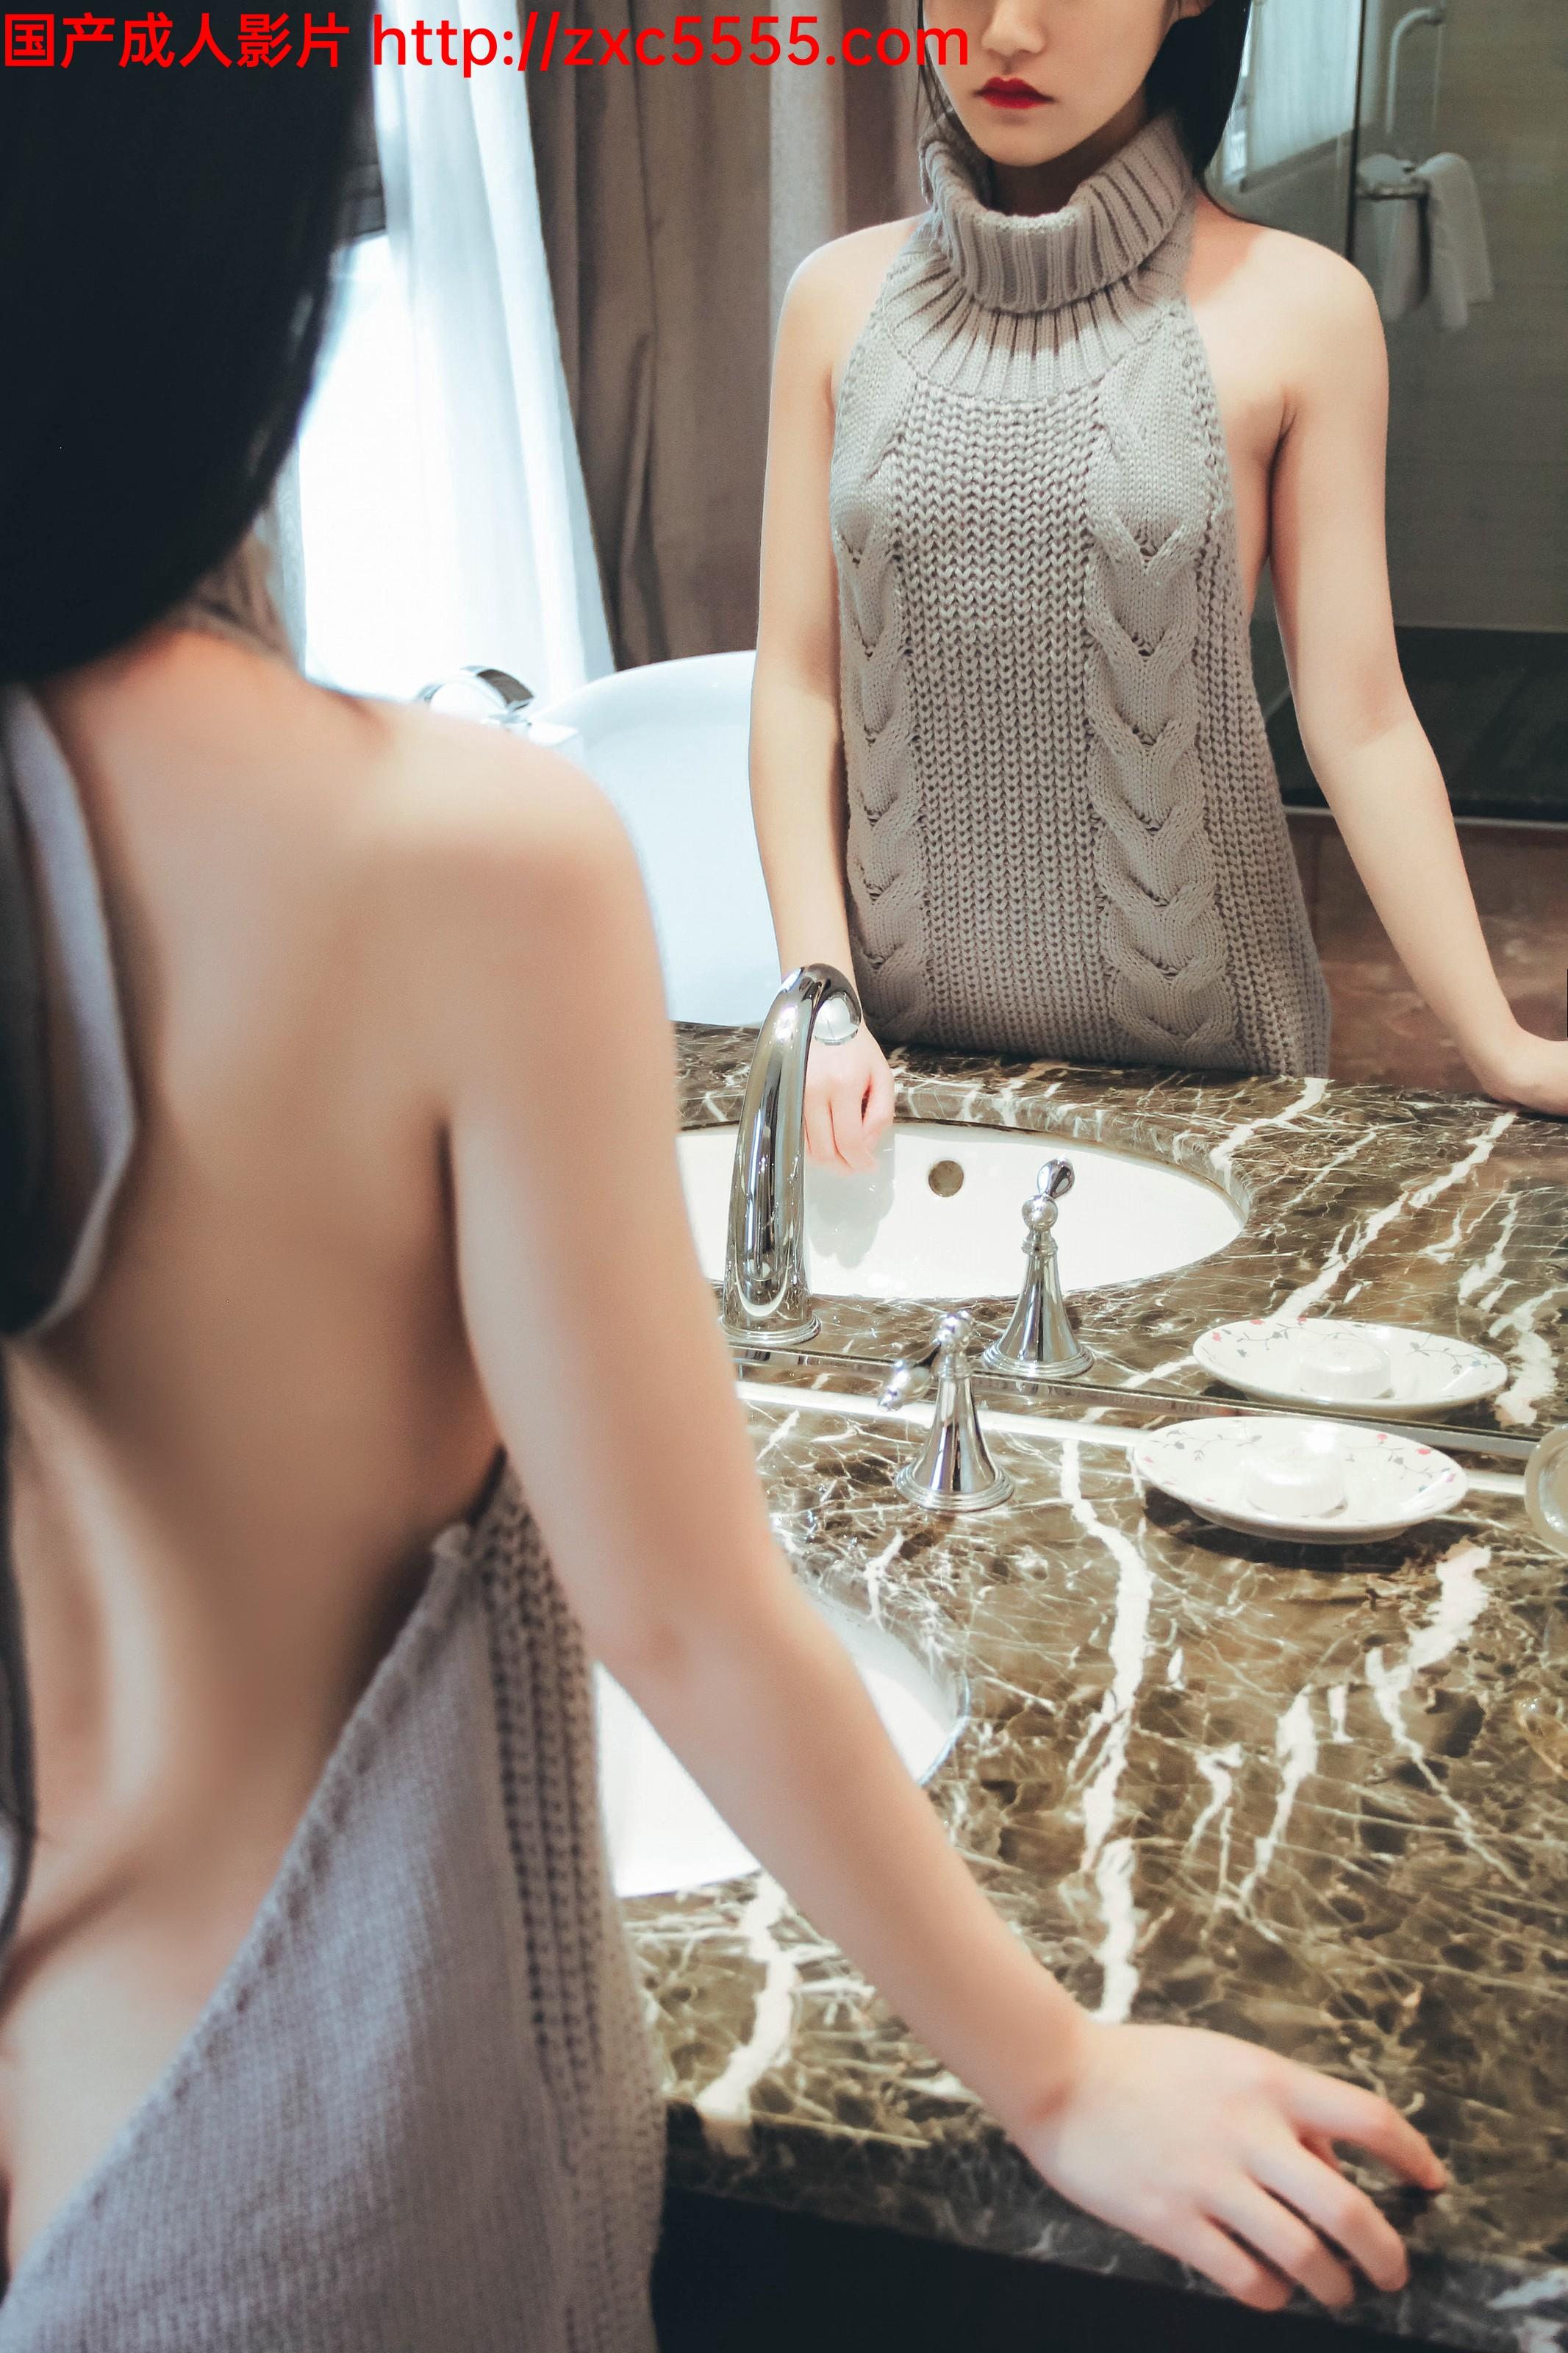 性感红唇烈焰毛衣萝莉极品身材已被摄影师的小鸡巴占领【83P/80M】